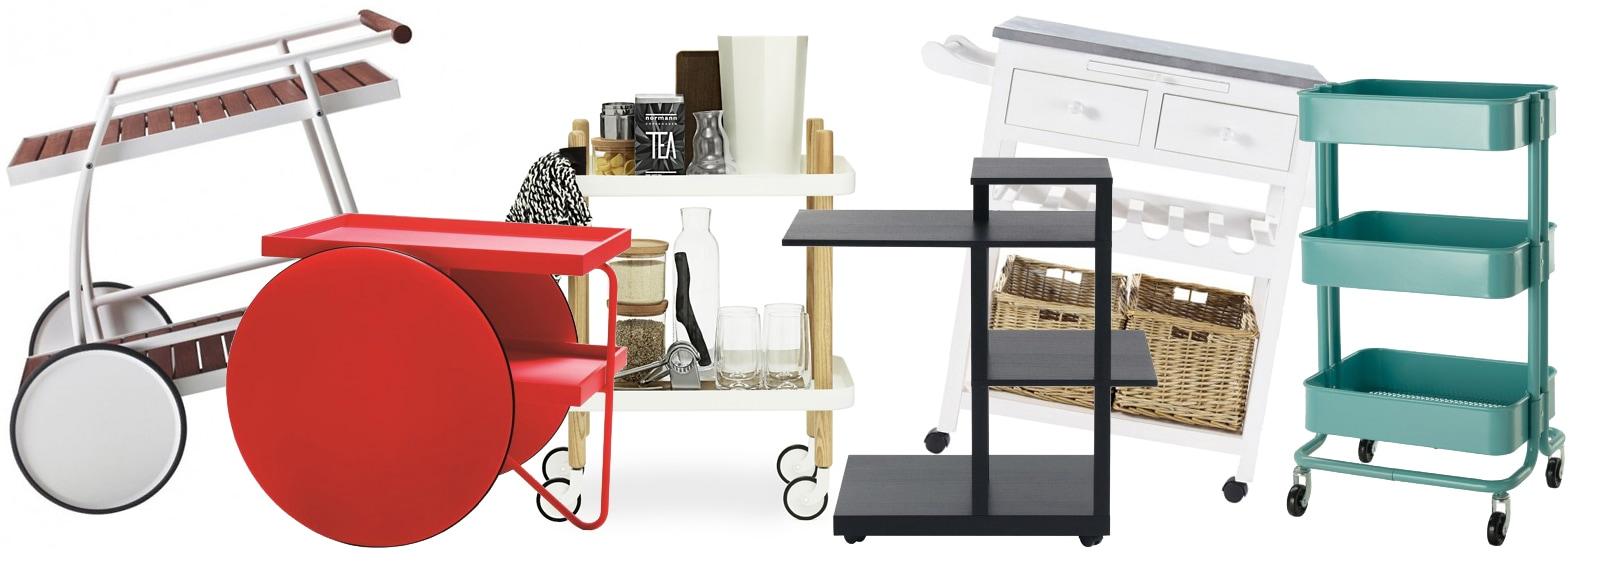 Carrelli multiuso: la comodità incontra il design - Grazia